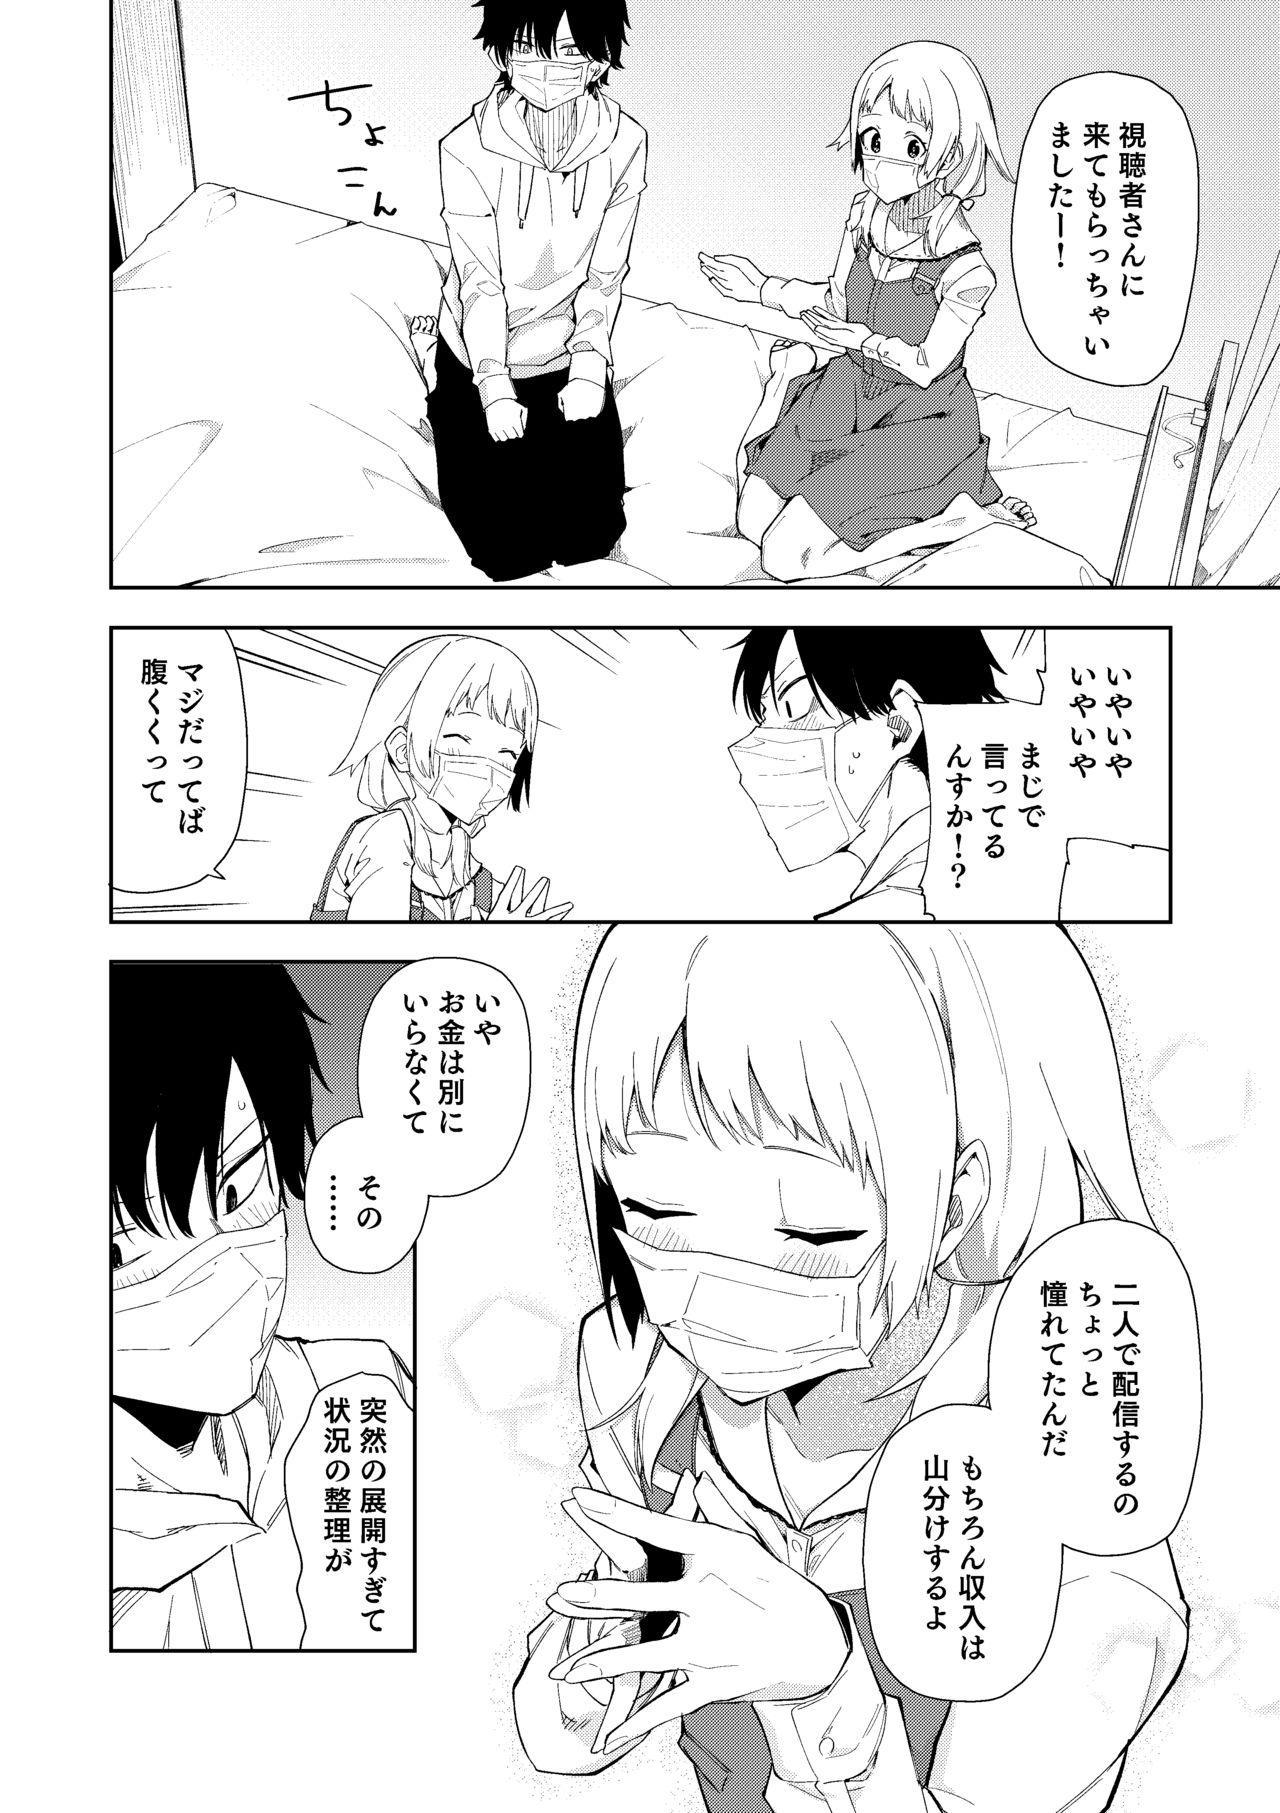 Rinjin wa Yuumei Haishinsha 12